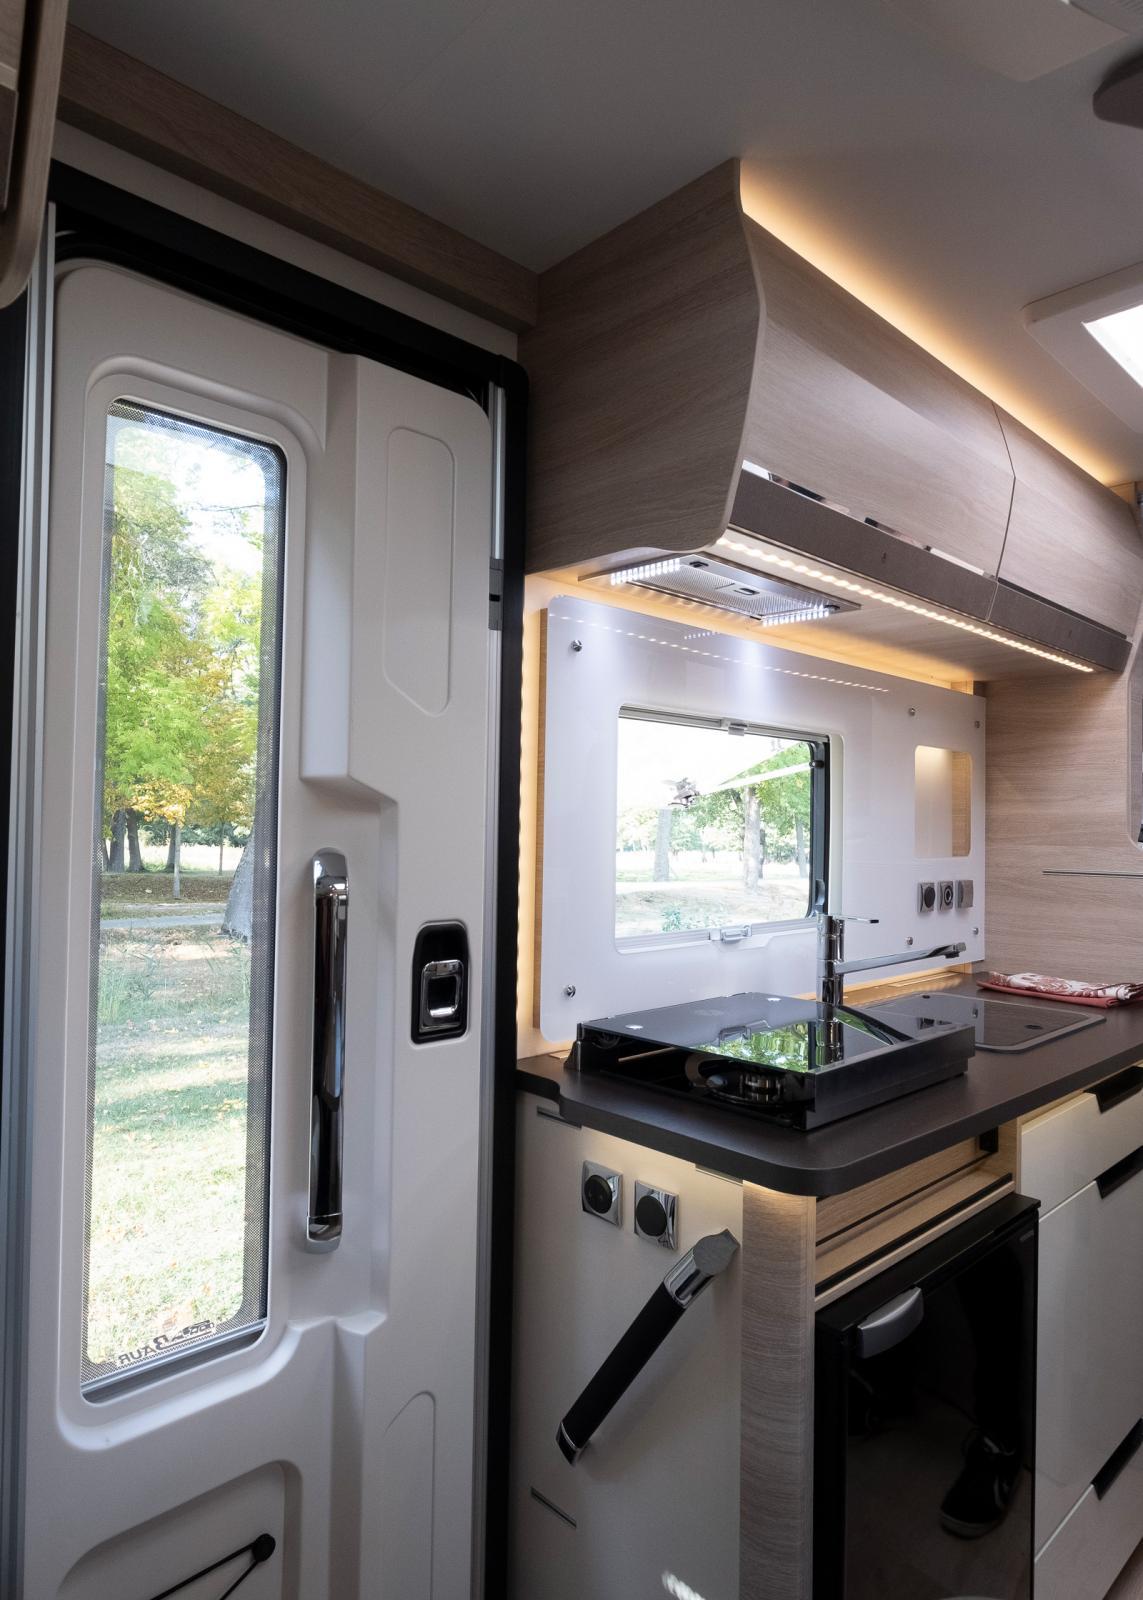 Entrén med ledstång och lysknappar och direkt access till köksdelen när det ska dukas under markisen.